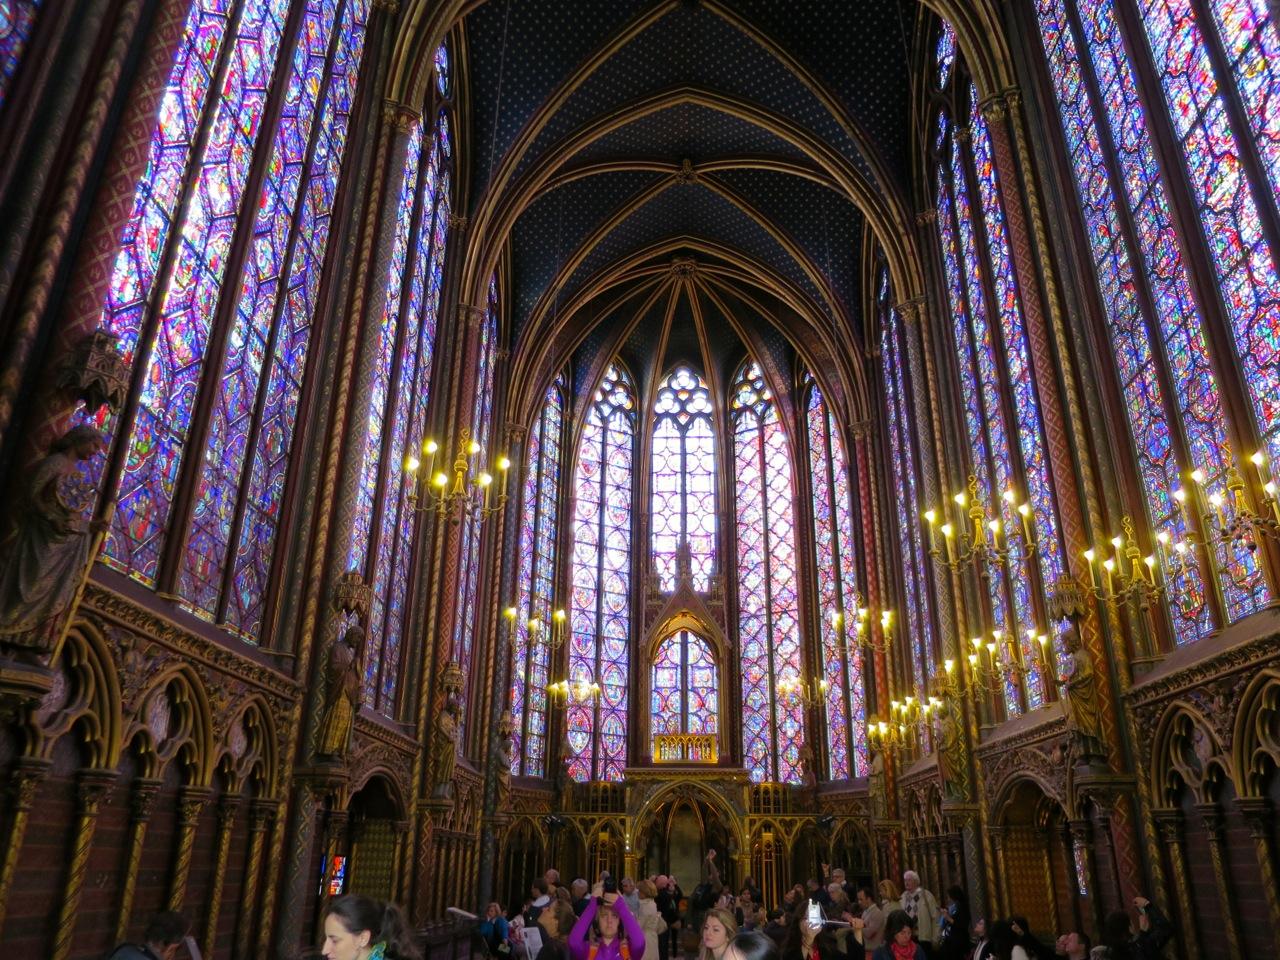 Paris 5 Sainte Chapelle 03